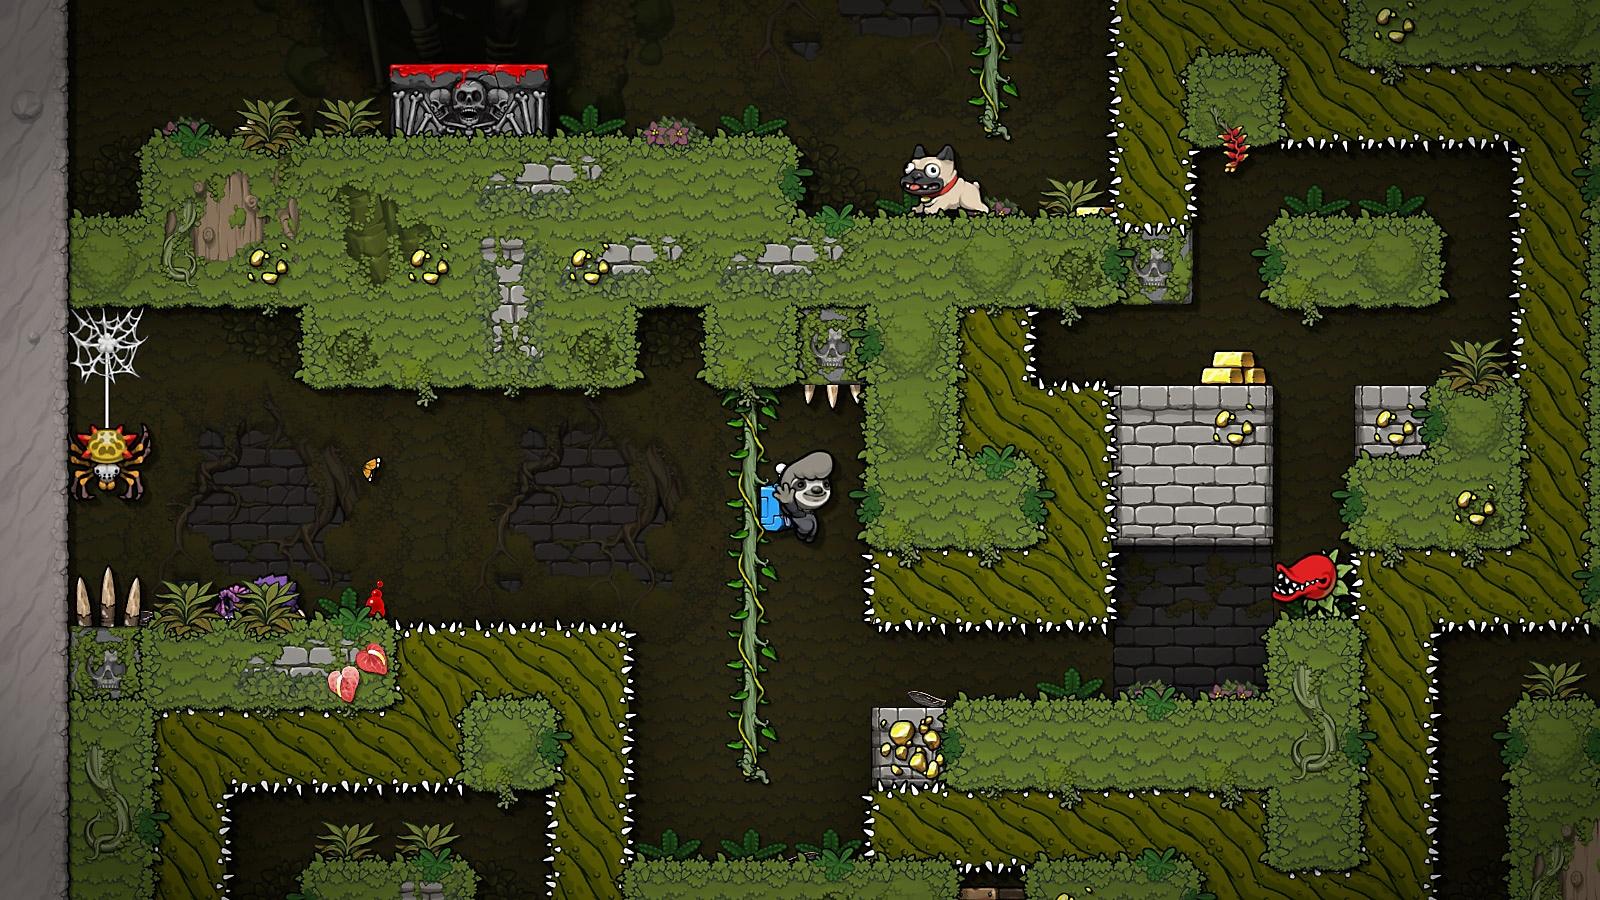 Spelunky 2 - Captura de pantalla - Perezoso bajando de una vid